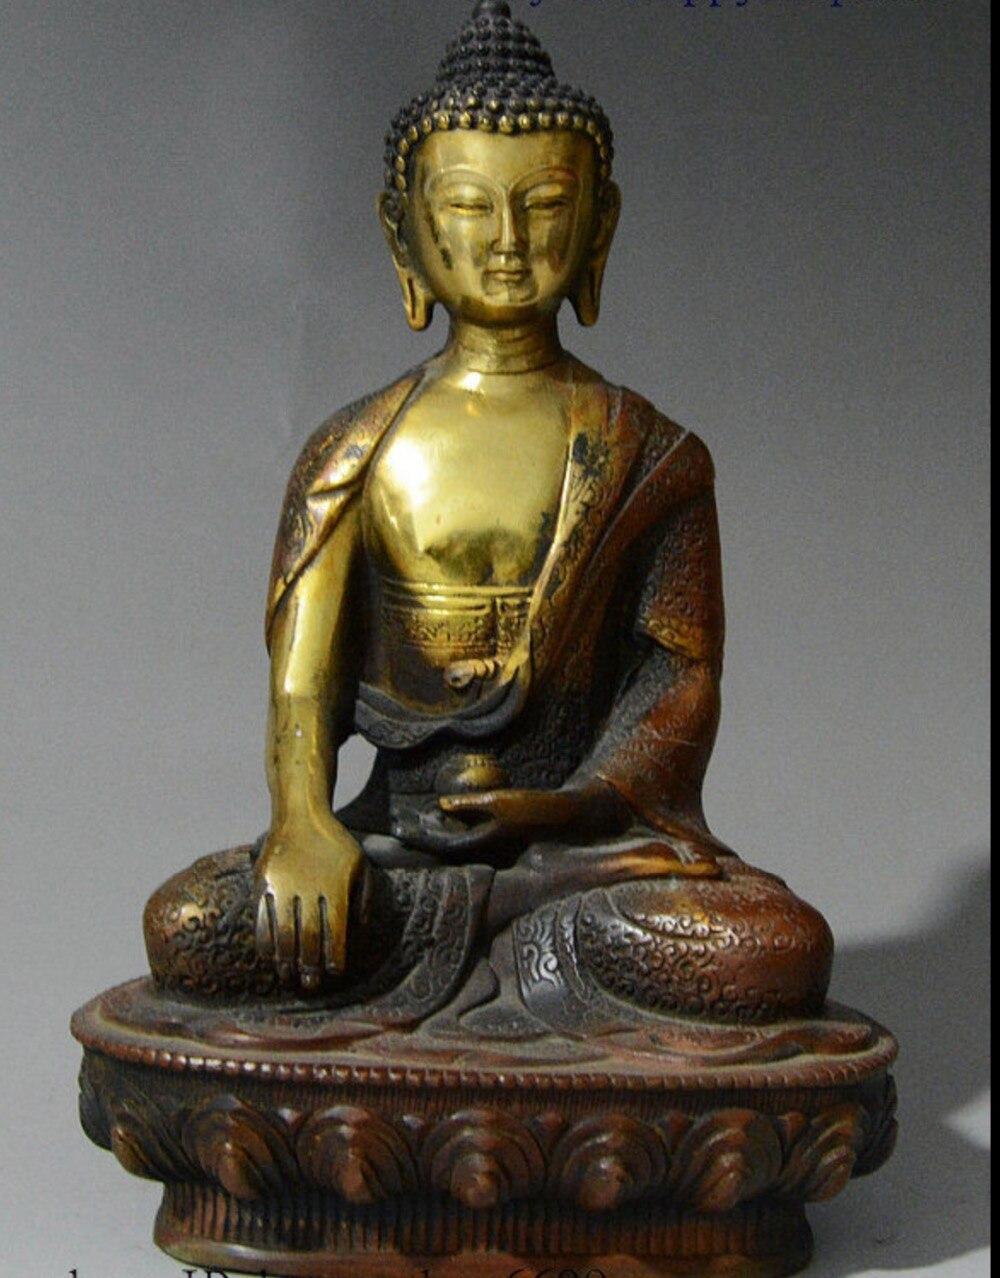 8 China Buddhism Pure Bronze Gilt Shakyamuni Sakyamuni Tathagata Buddha Statue8 China Buddhism Pure Bronze Gilt Shakyamuni Sakyamuni Tathagata Buddha Statue